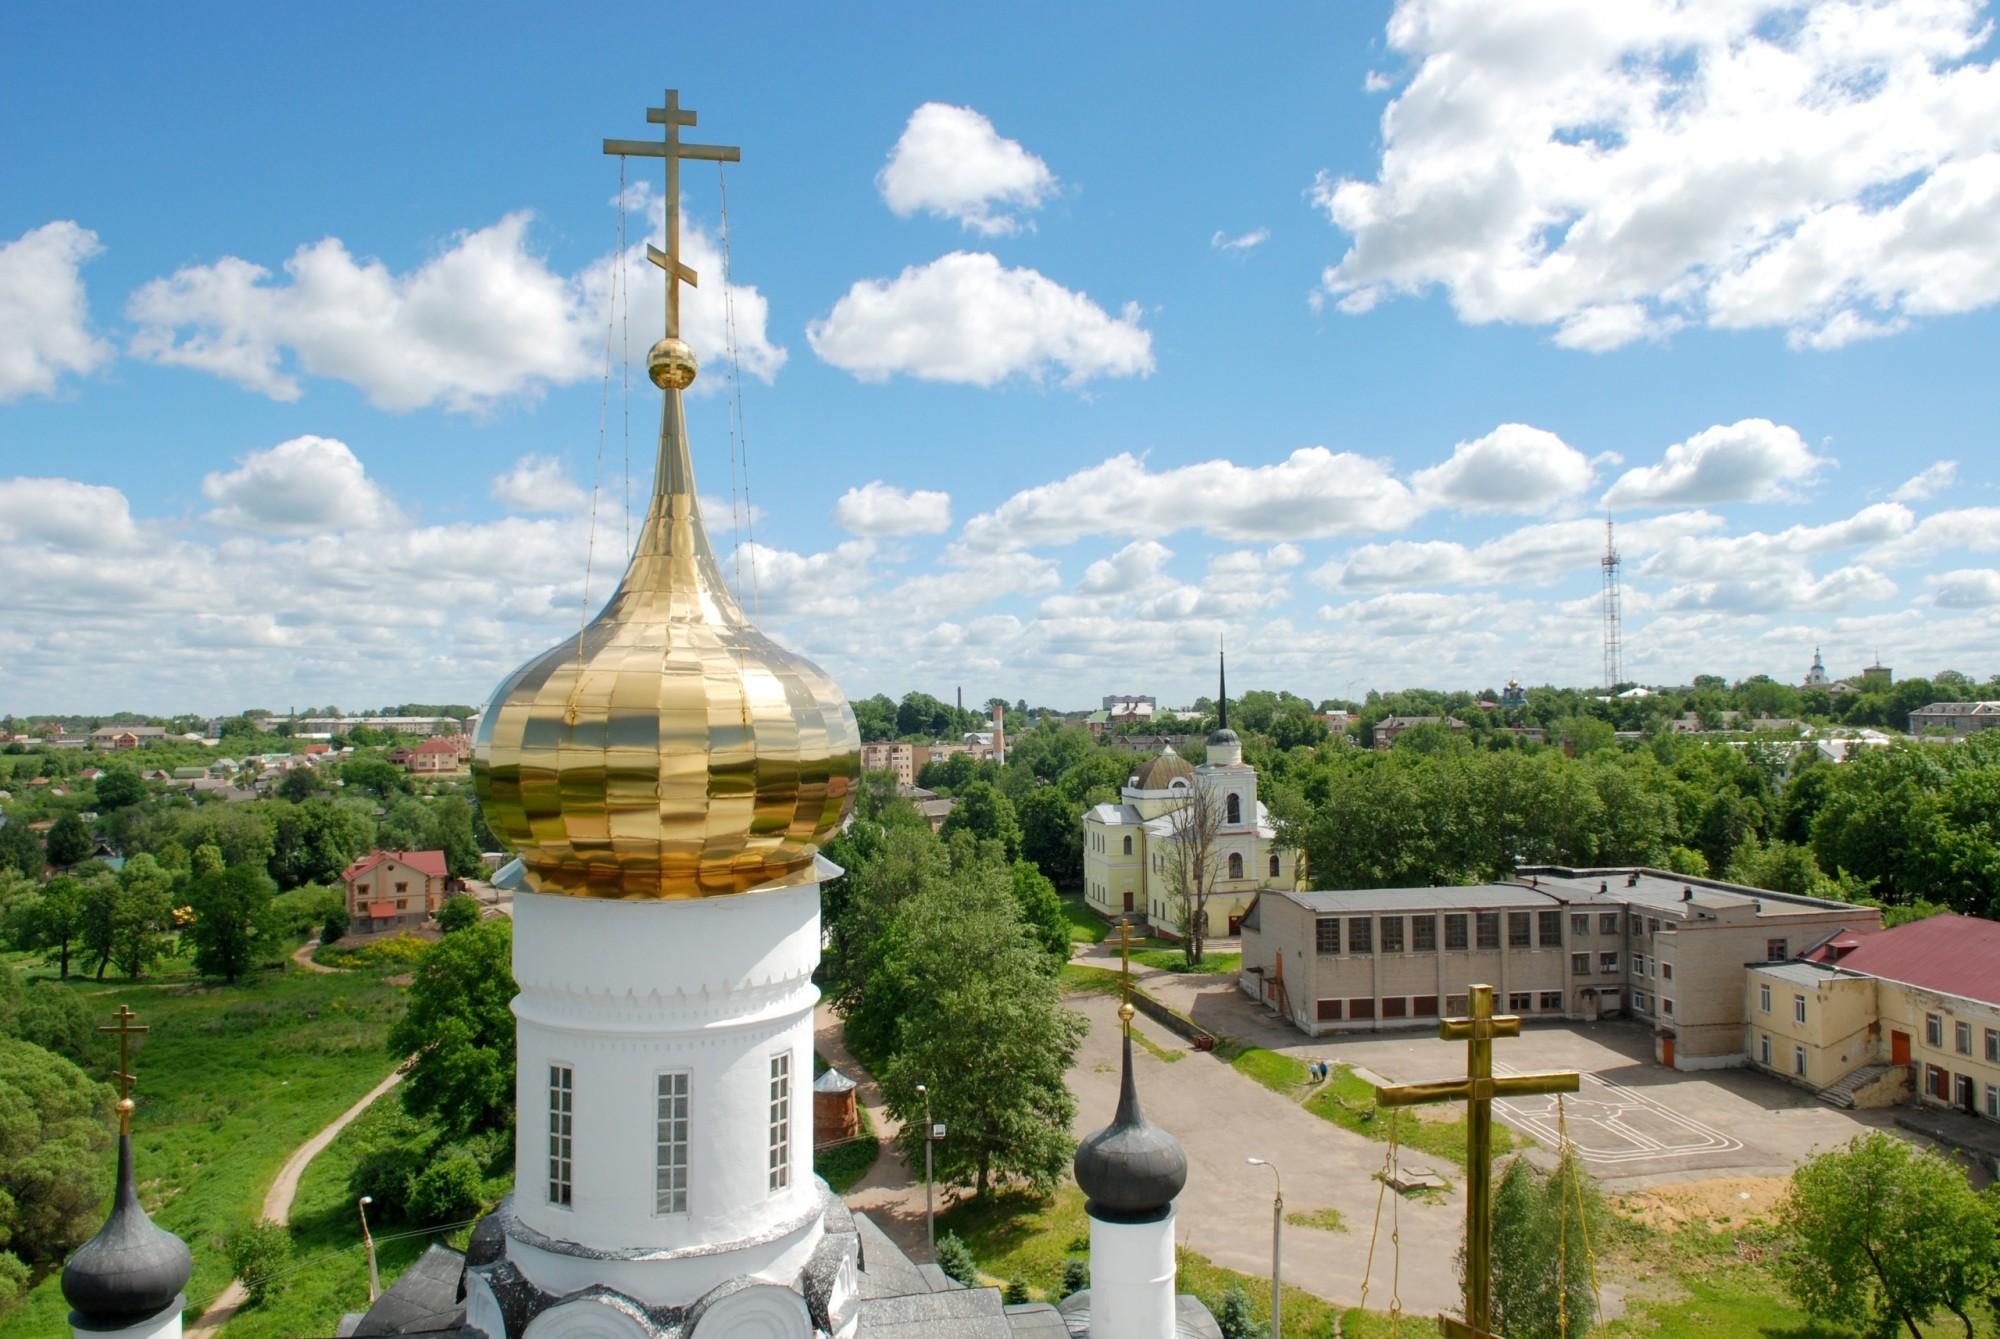 2011 Вид на Вязьму с колокольни Свято-троицкого собора. Алексей Куликов